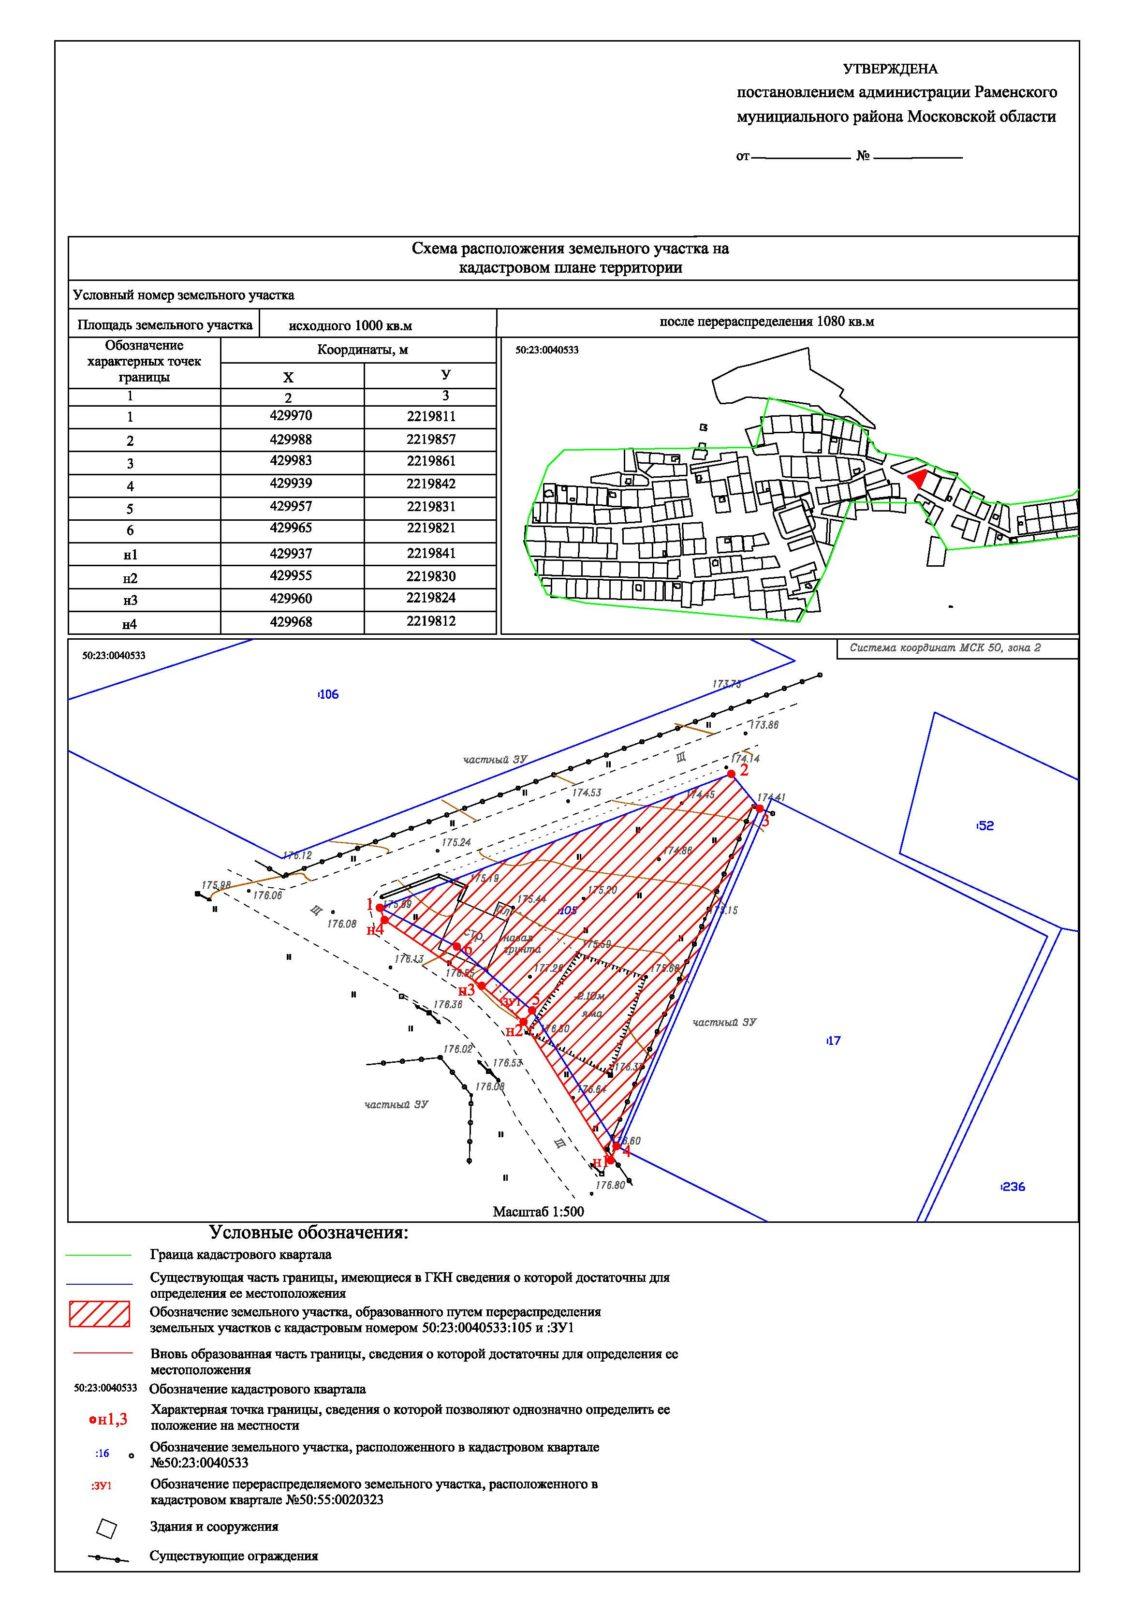 Росреестр схема расположения земельного участка фото 963